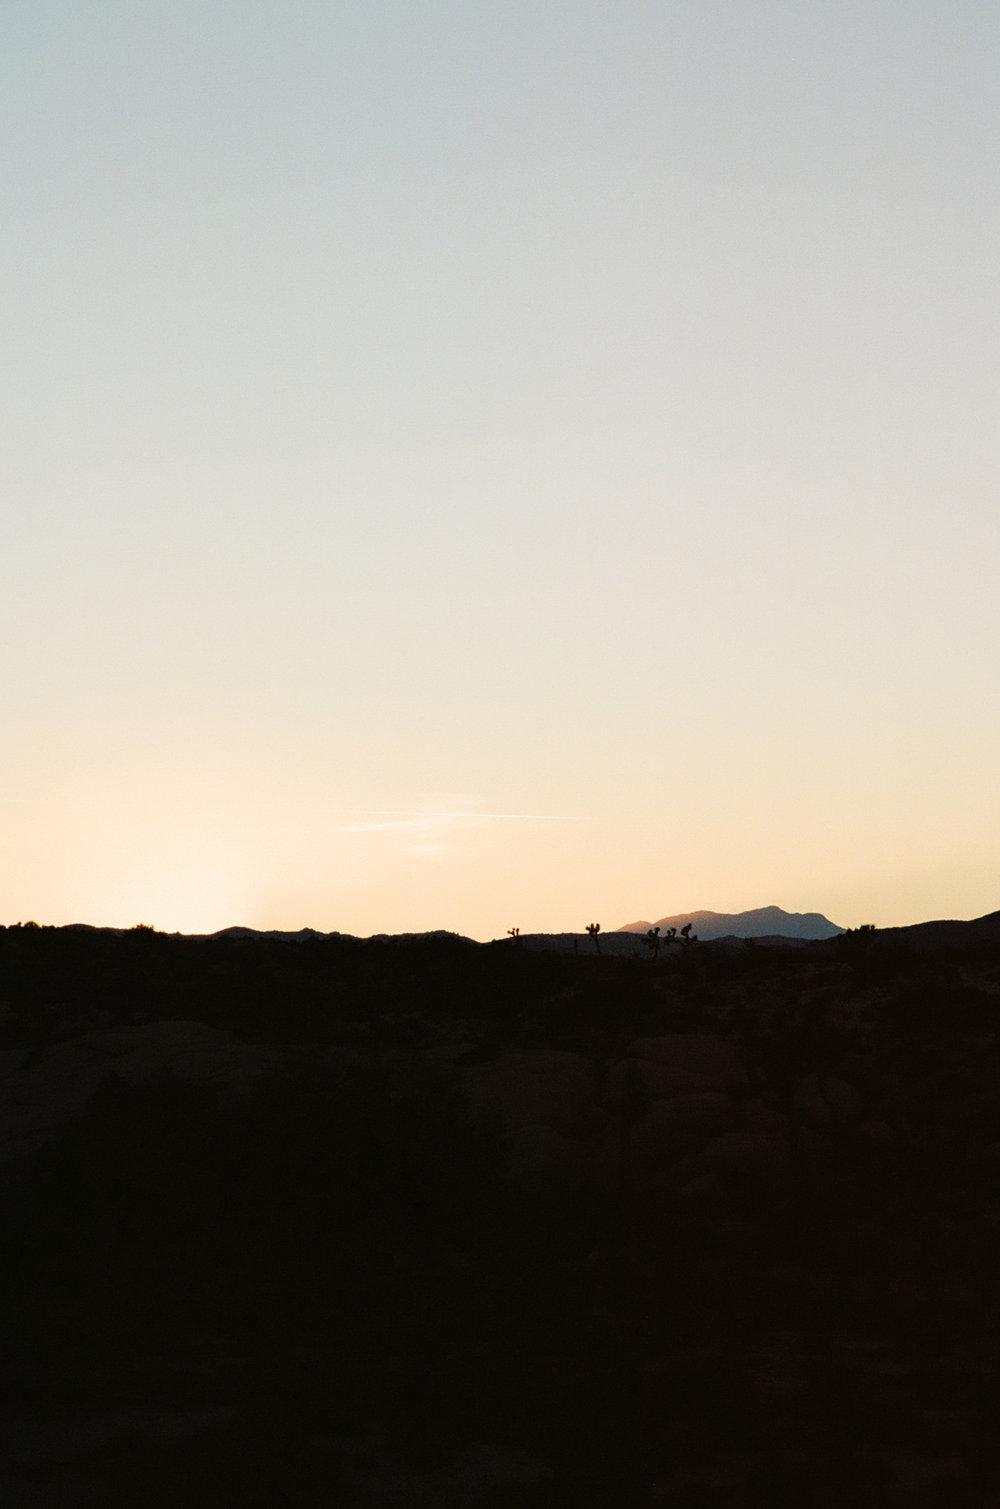 silhouette-sunset-joshua-tree-cameliamanea.jpg